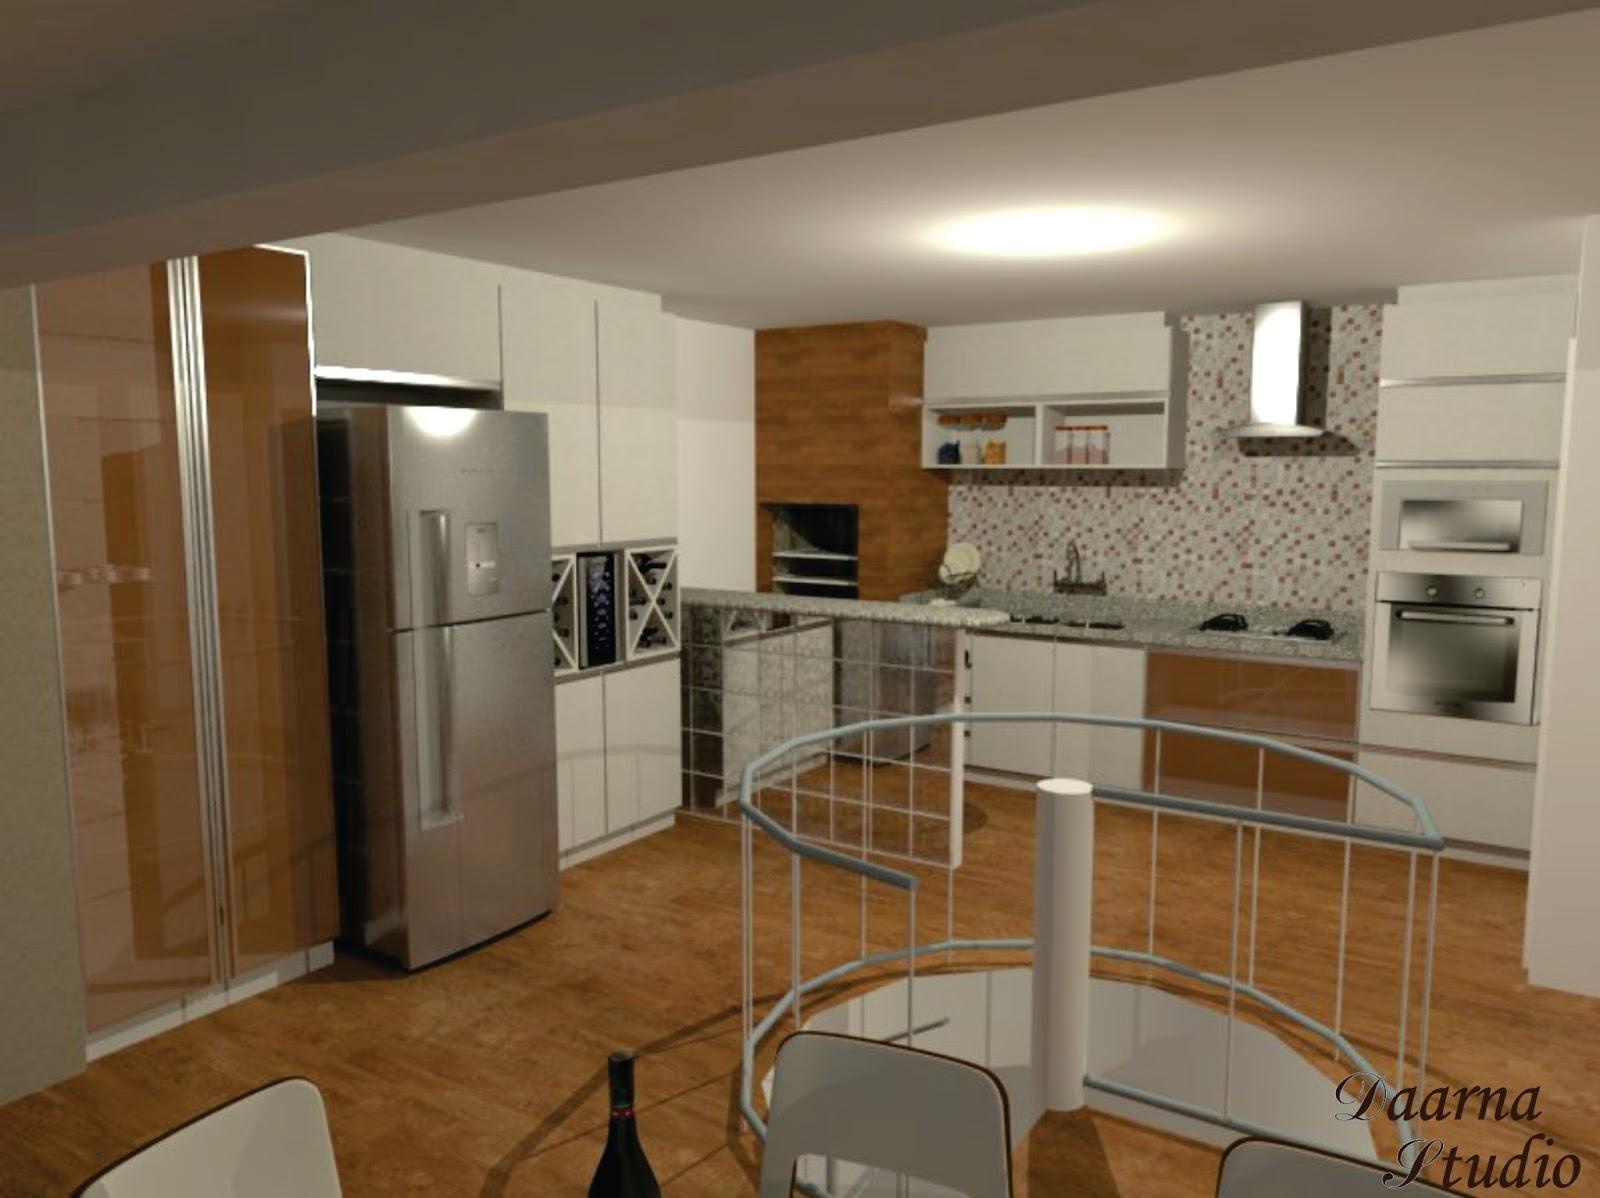 Daarna Arquitetura & Interiores: Projeto de Reforma Cozinha #684828 1600 1198